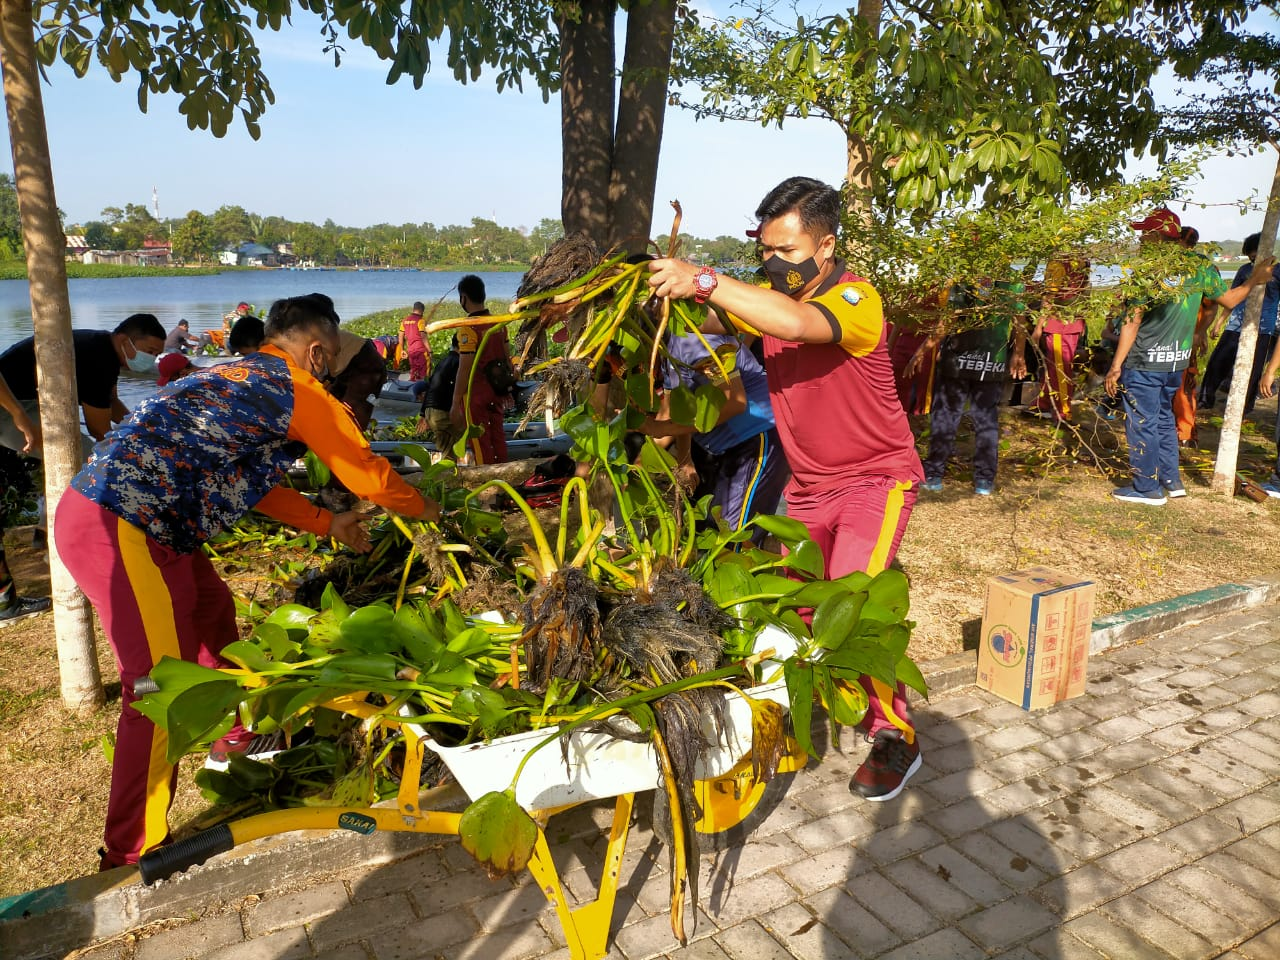 Polres Bersama TNI dan Pemkab Karimun Gotong Royong Bersihkan Sampah dan Eceng Gondok di Taman Hijau